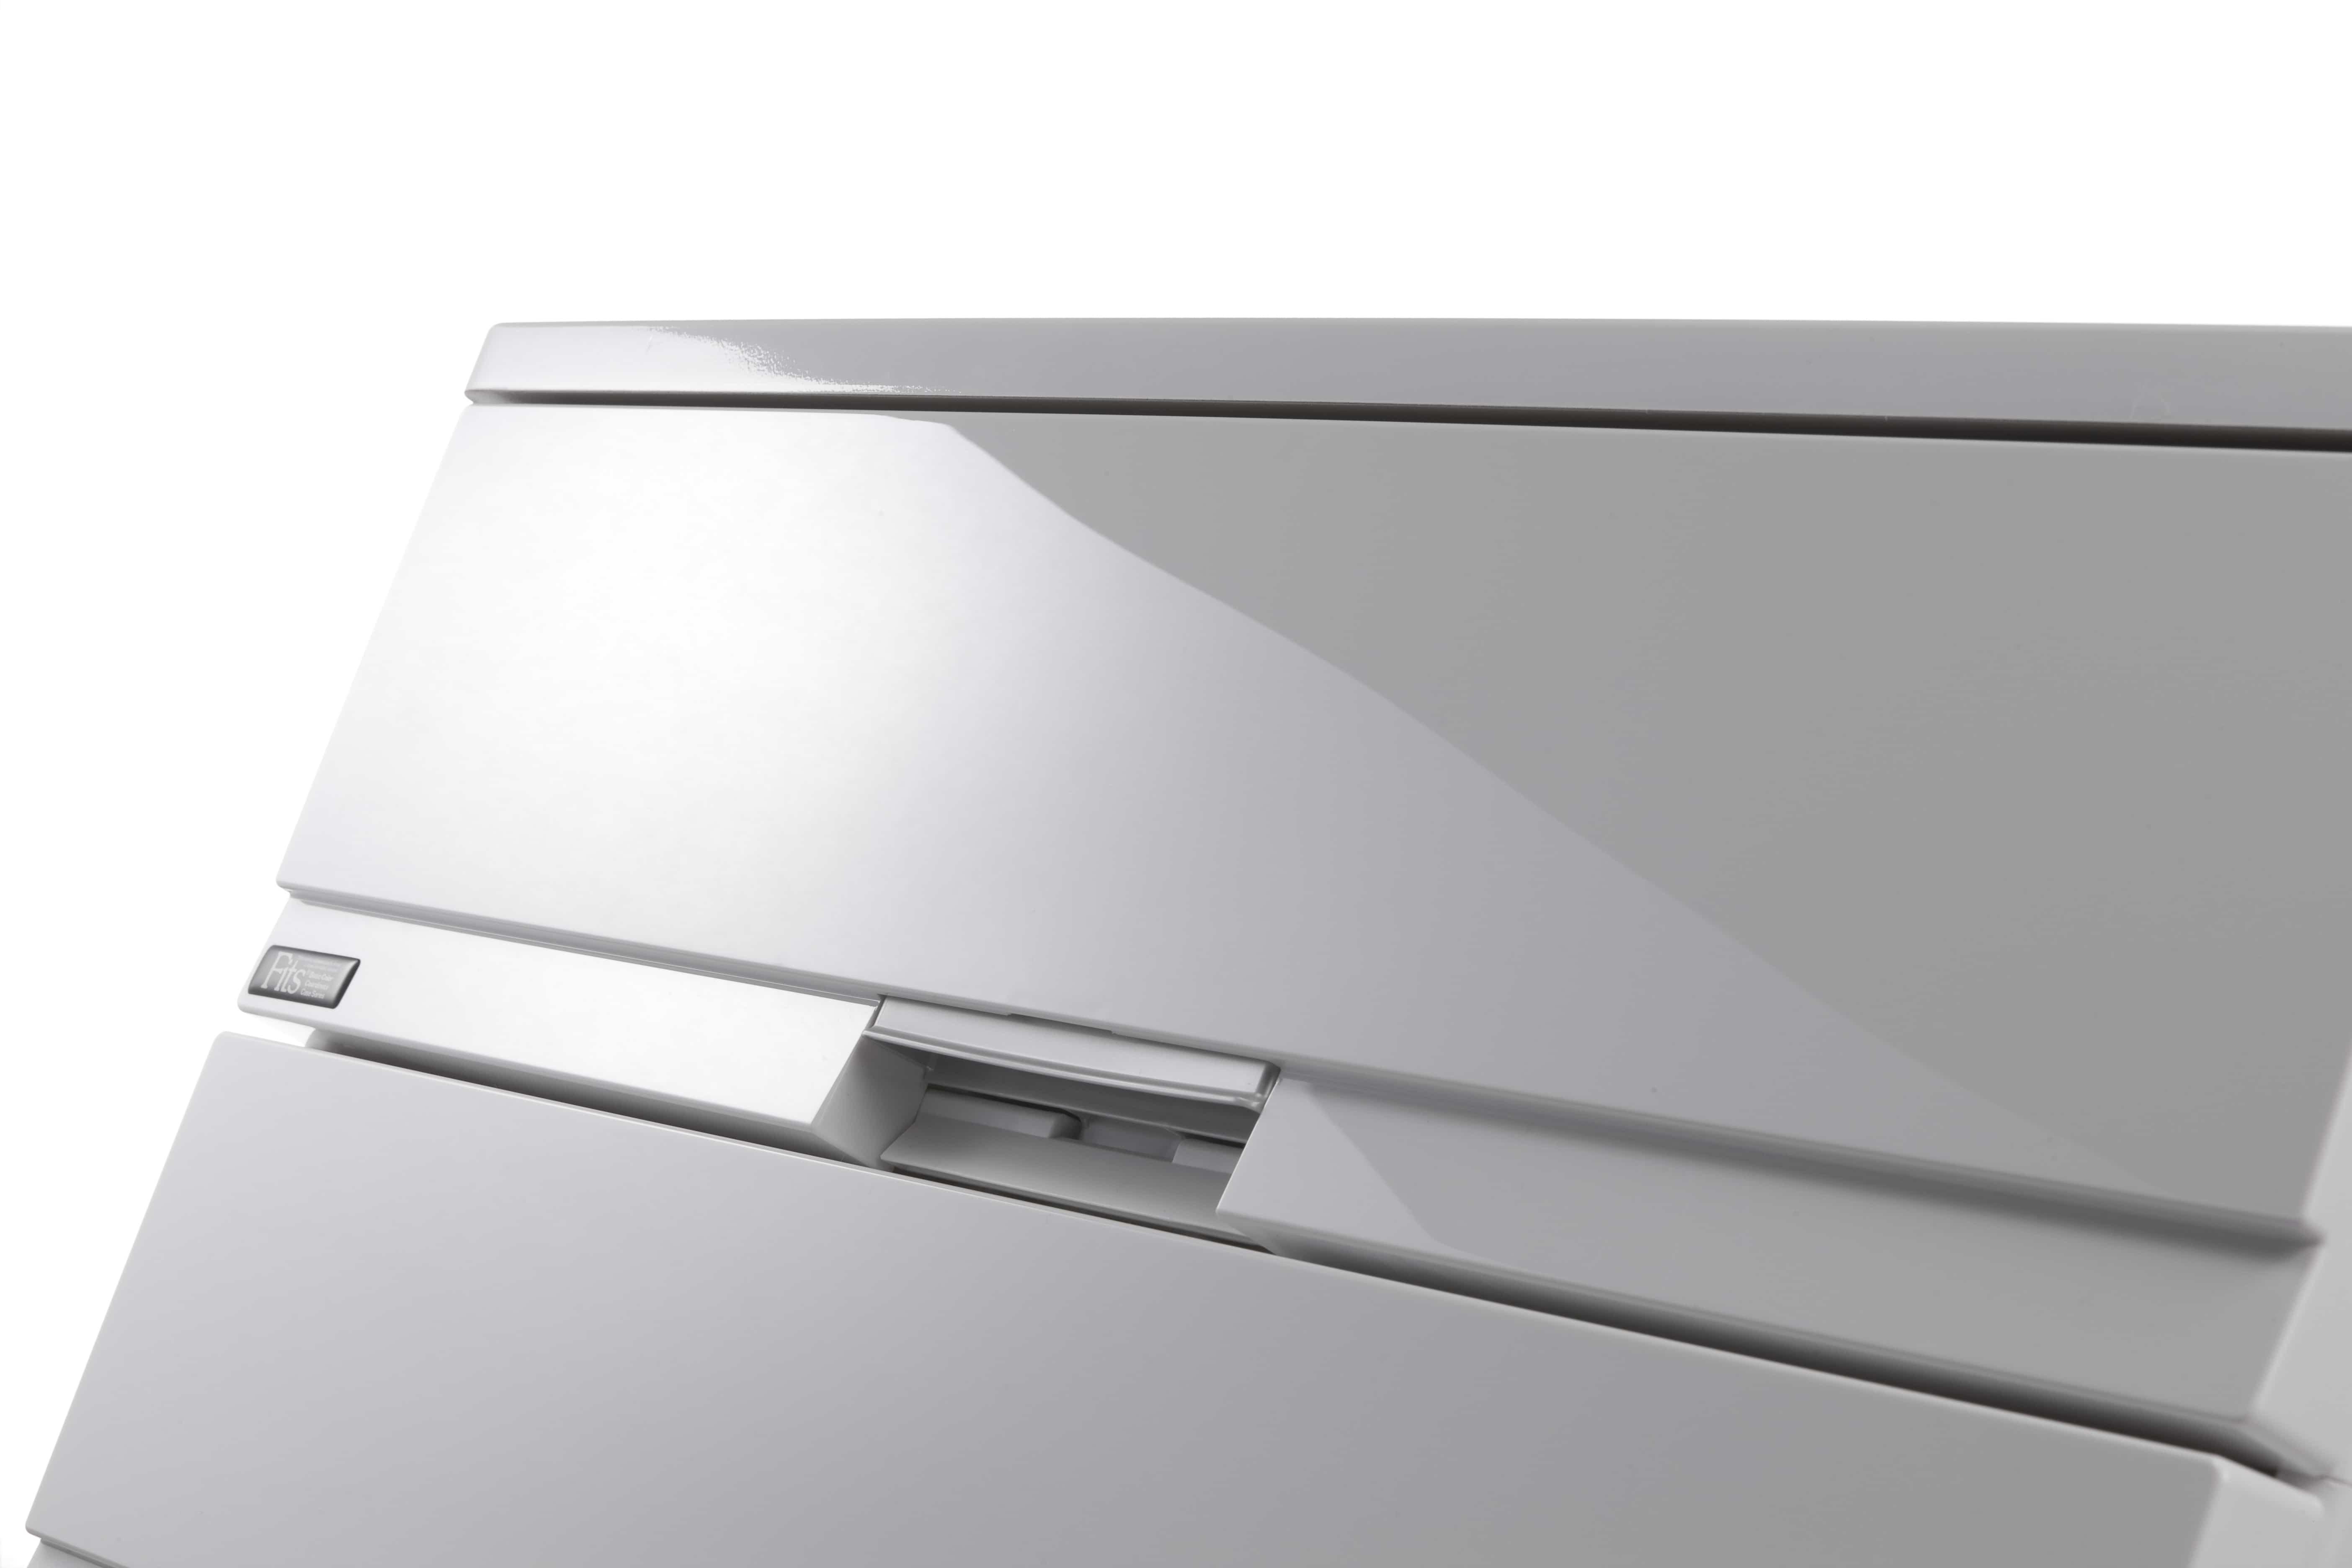 フィッツプラス プレミアム FP6505 W